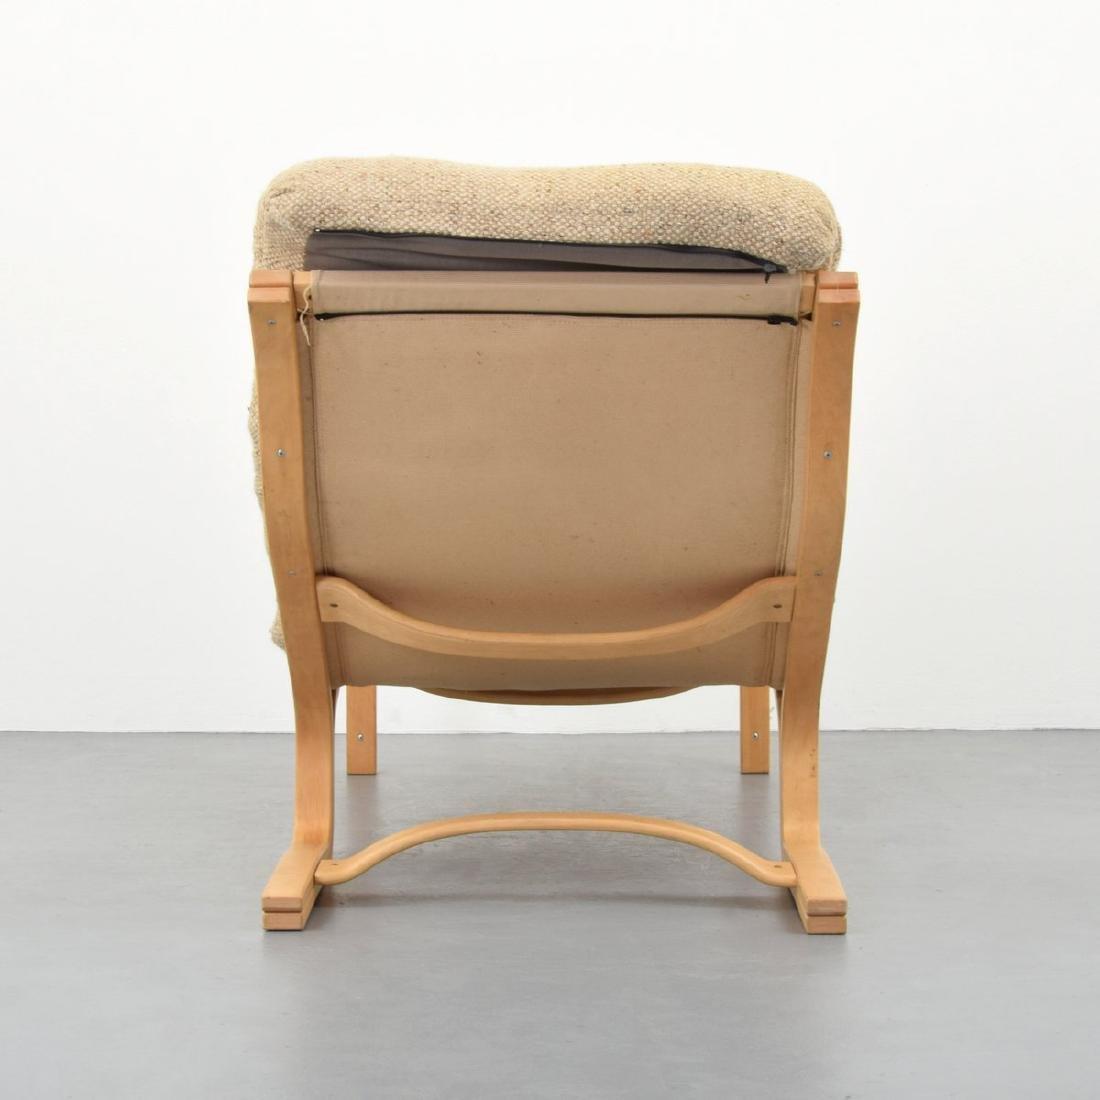 Esko Pajamies Chaise Lounge Chair - 4